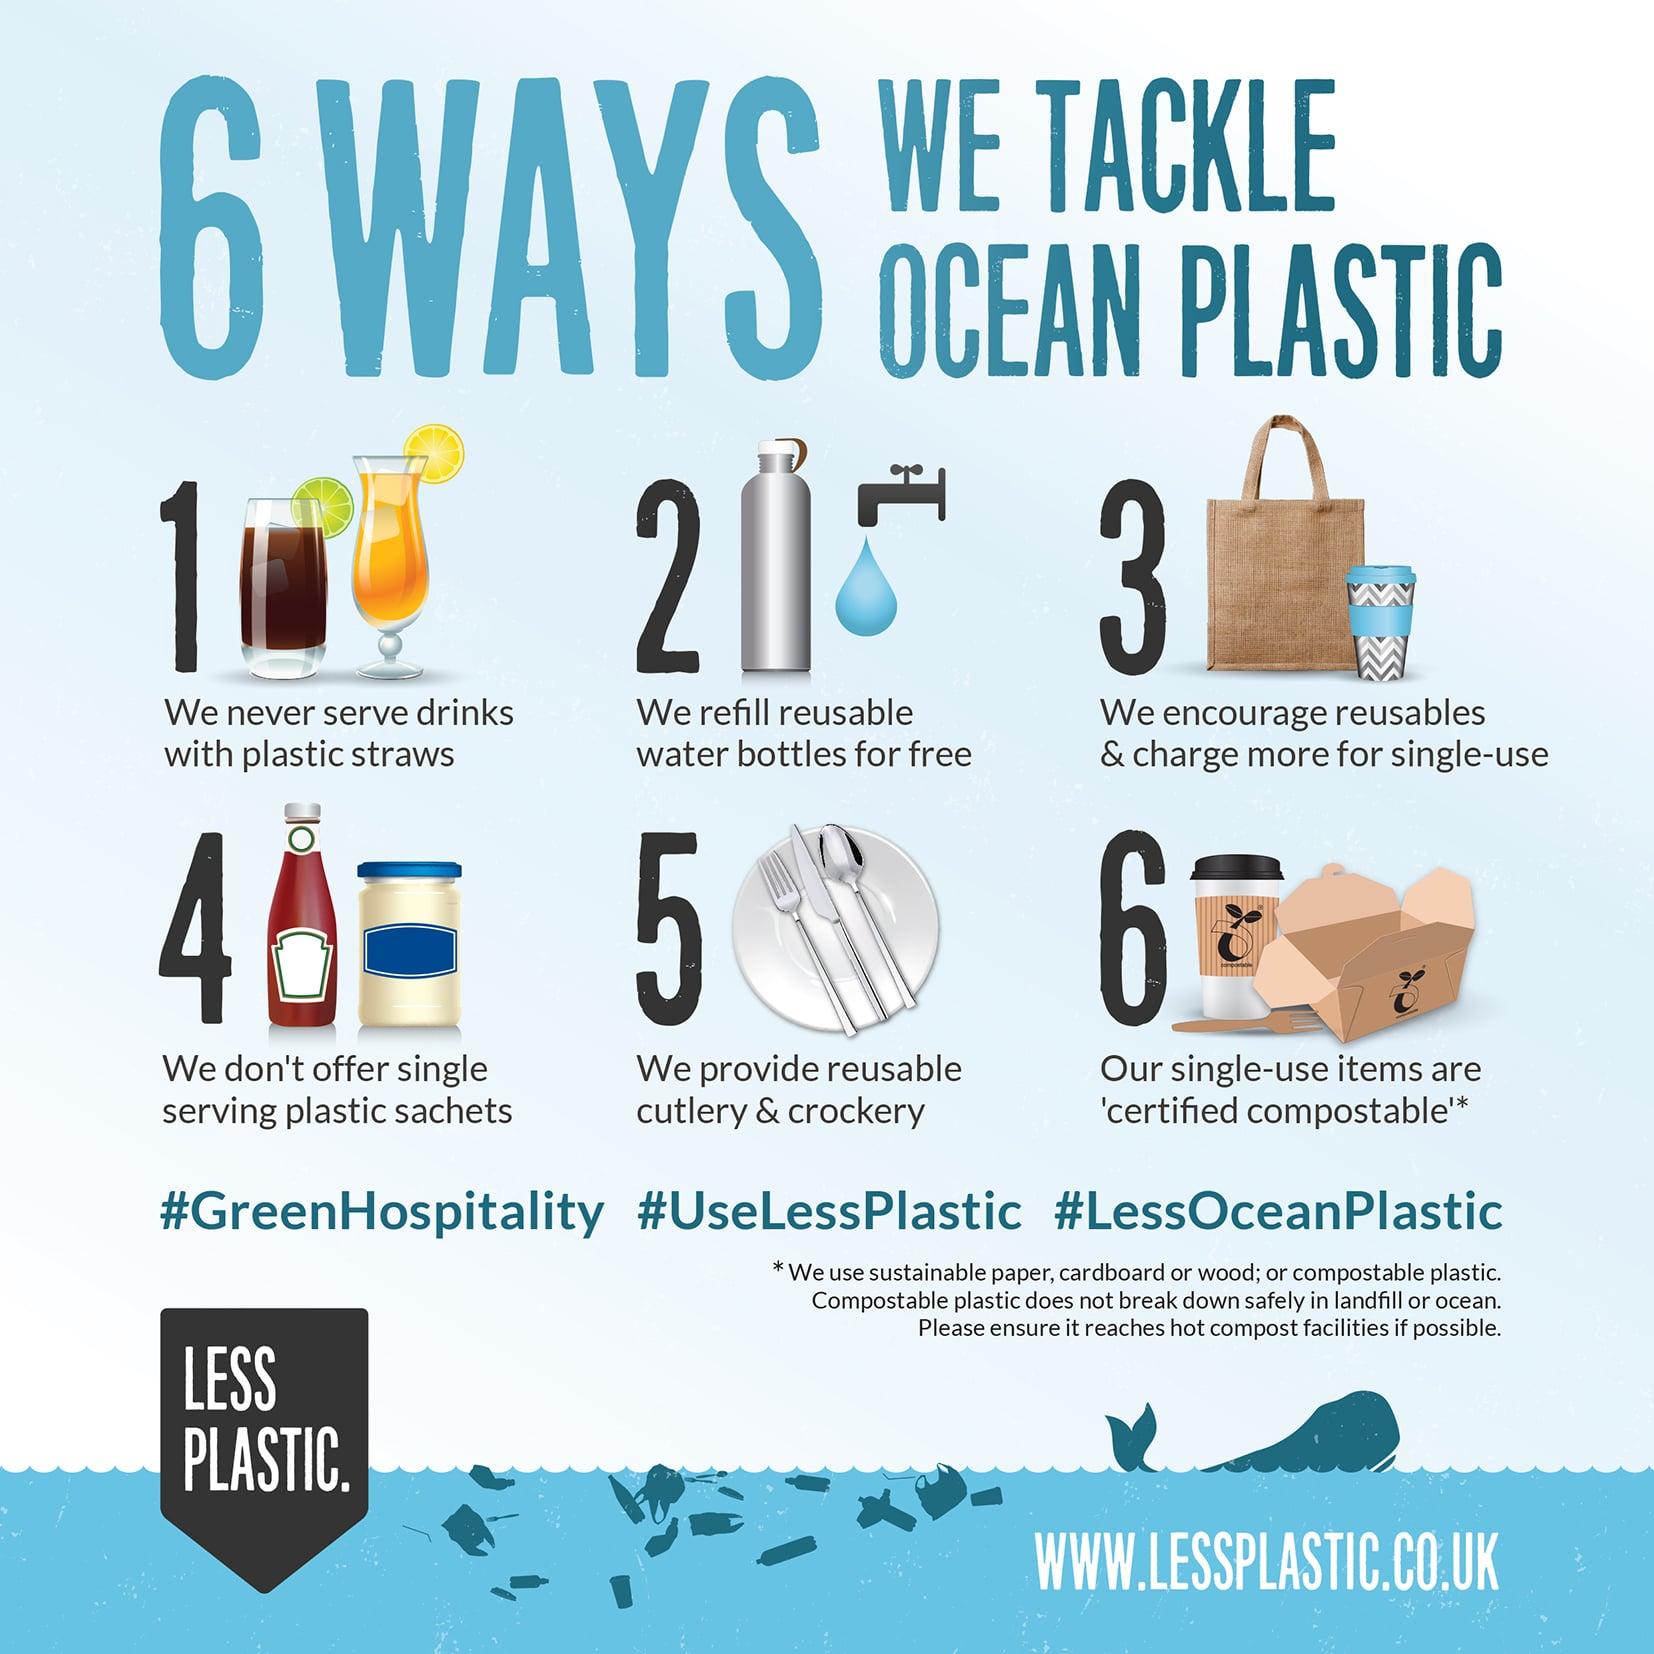 6 ways we tackle ocean plastic infographic